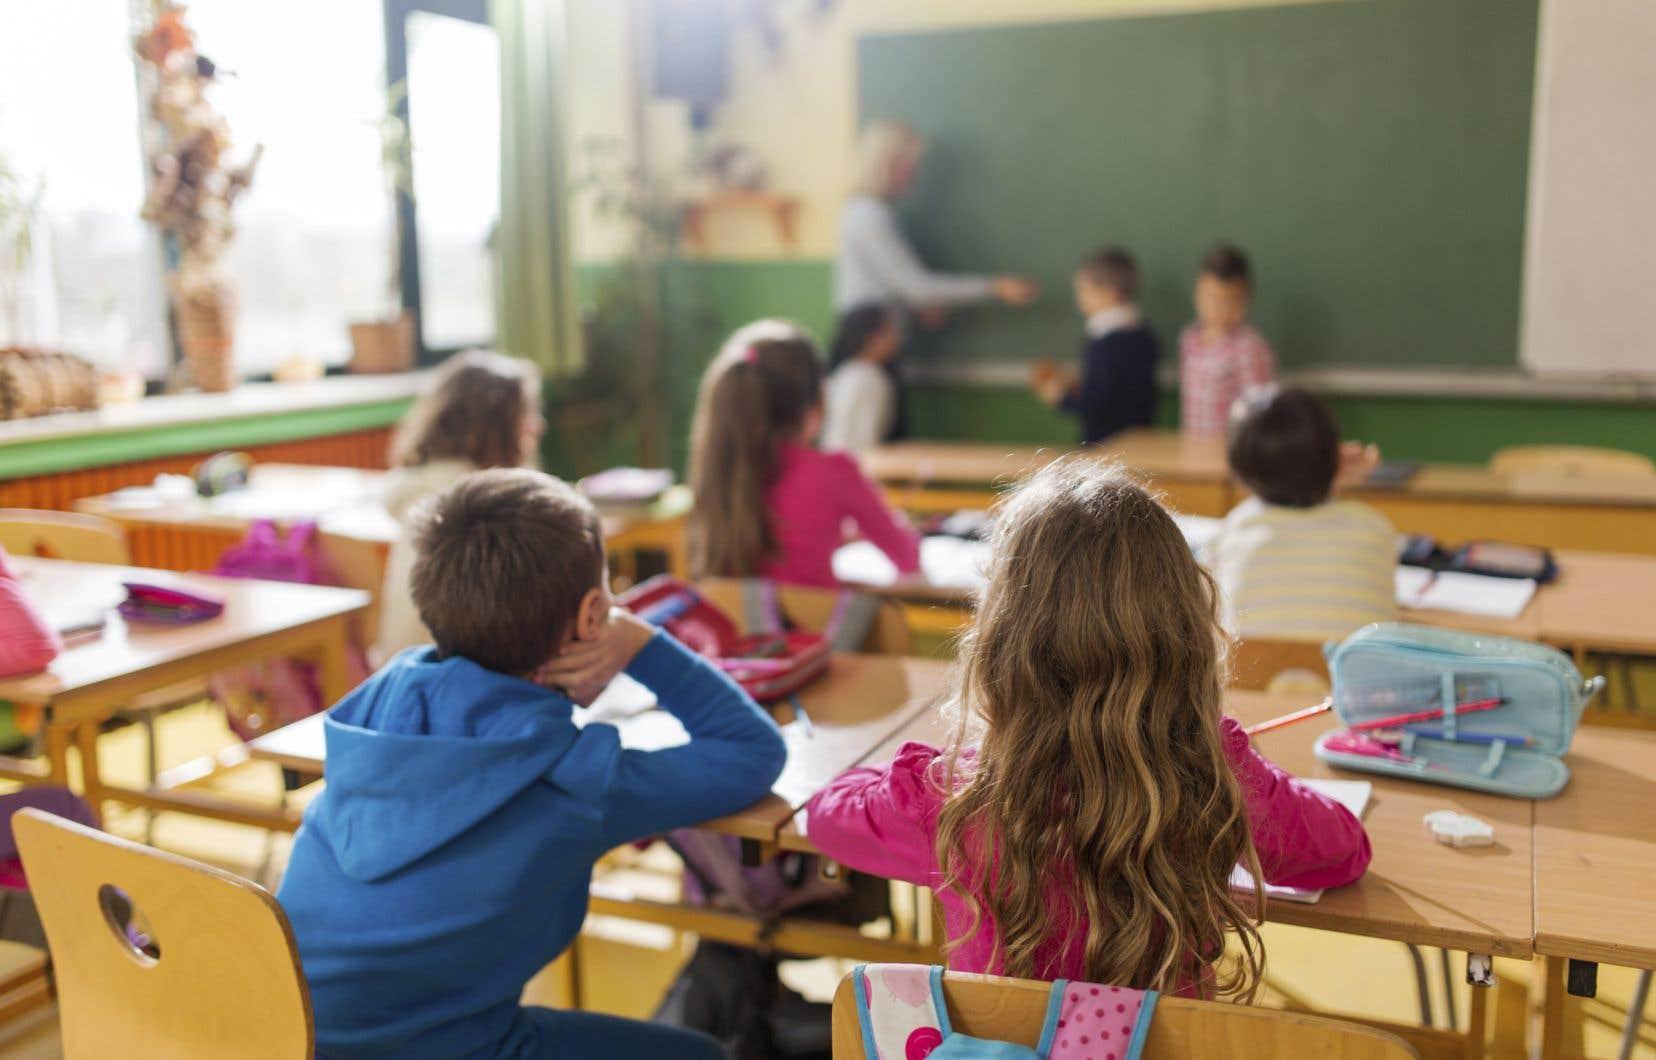 Le ministre de l'Éducation du Québec, Jean-François Roberge, a révélé qu'il manquait 360 enseignants pour combler les besoins dans les écoles québécoises au 1erseptembre.